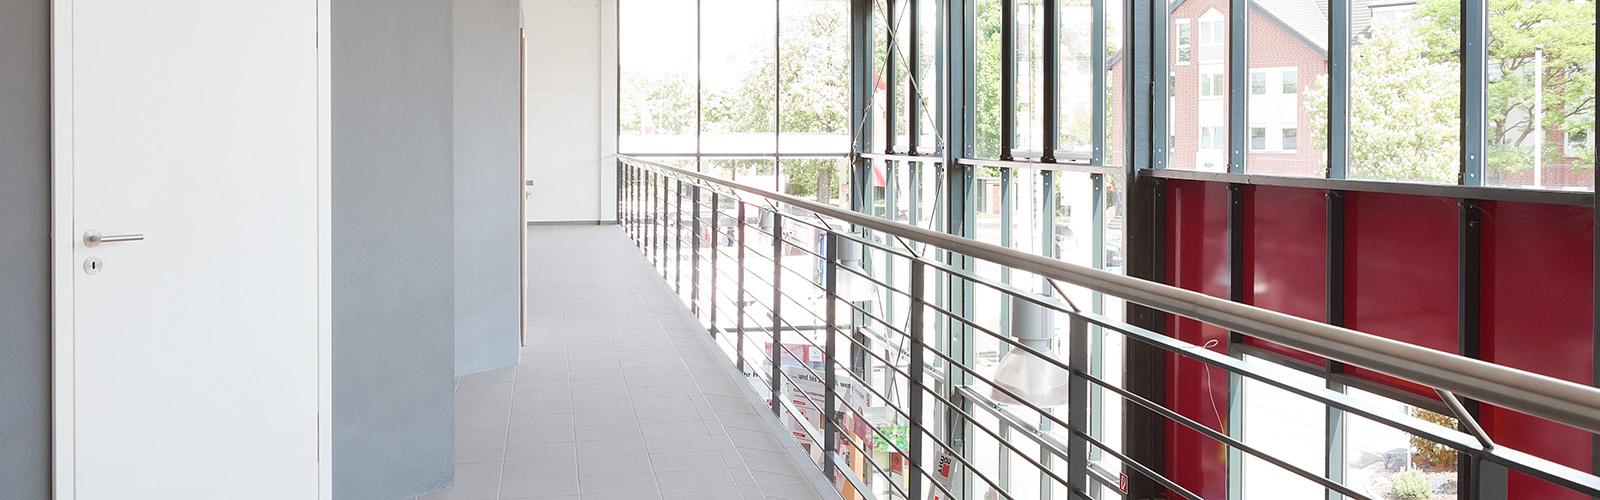 Full Size of Velux Fenster Kaufen Veludachfenster Schräge Abdunkeln Gebrauchte Küche Austauschen Kosten Plissee Outdoor Einbruchsicher Nachrüsten Klebefolie Für Veka Fenster Velux Fenster Kaufen